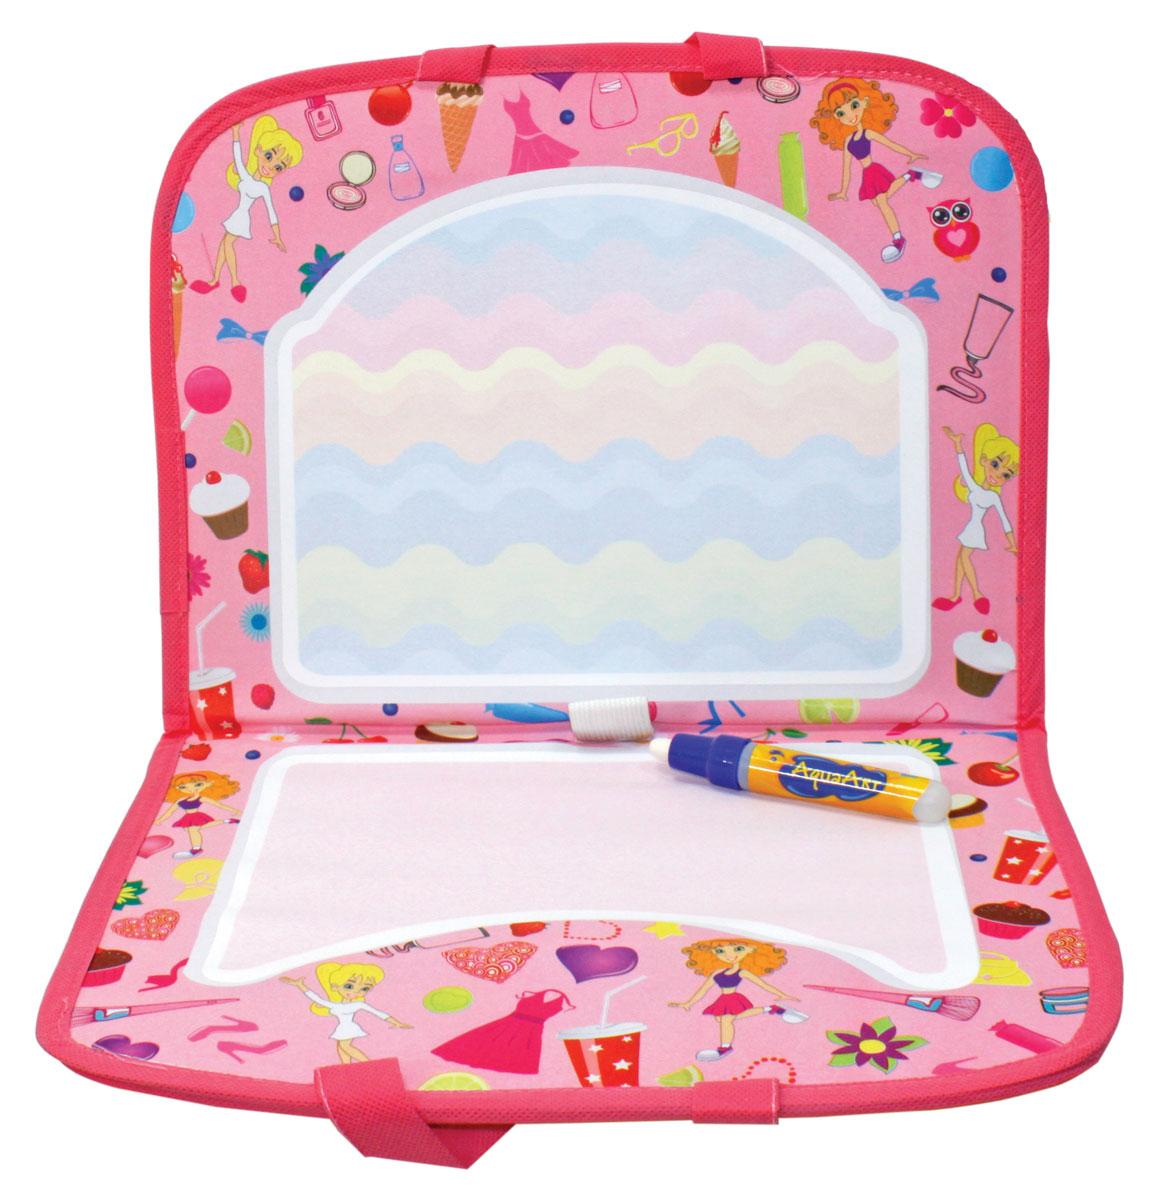 1TOY Коврик для рисования AquaArt с ручками цвет розовый, Solmar Pte Ltd